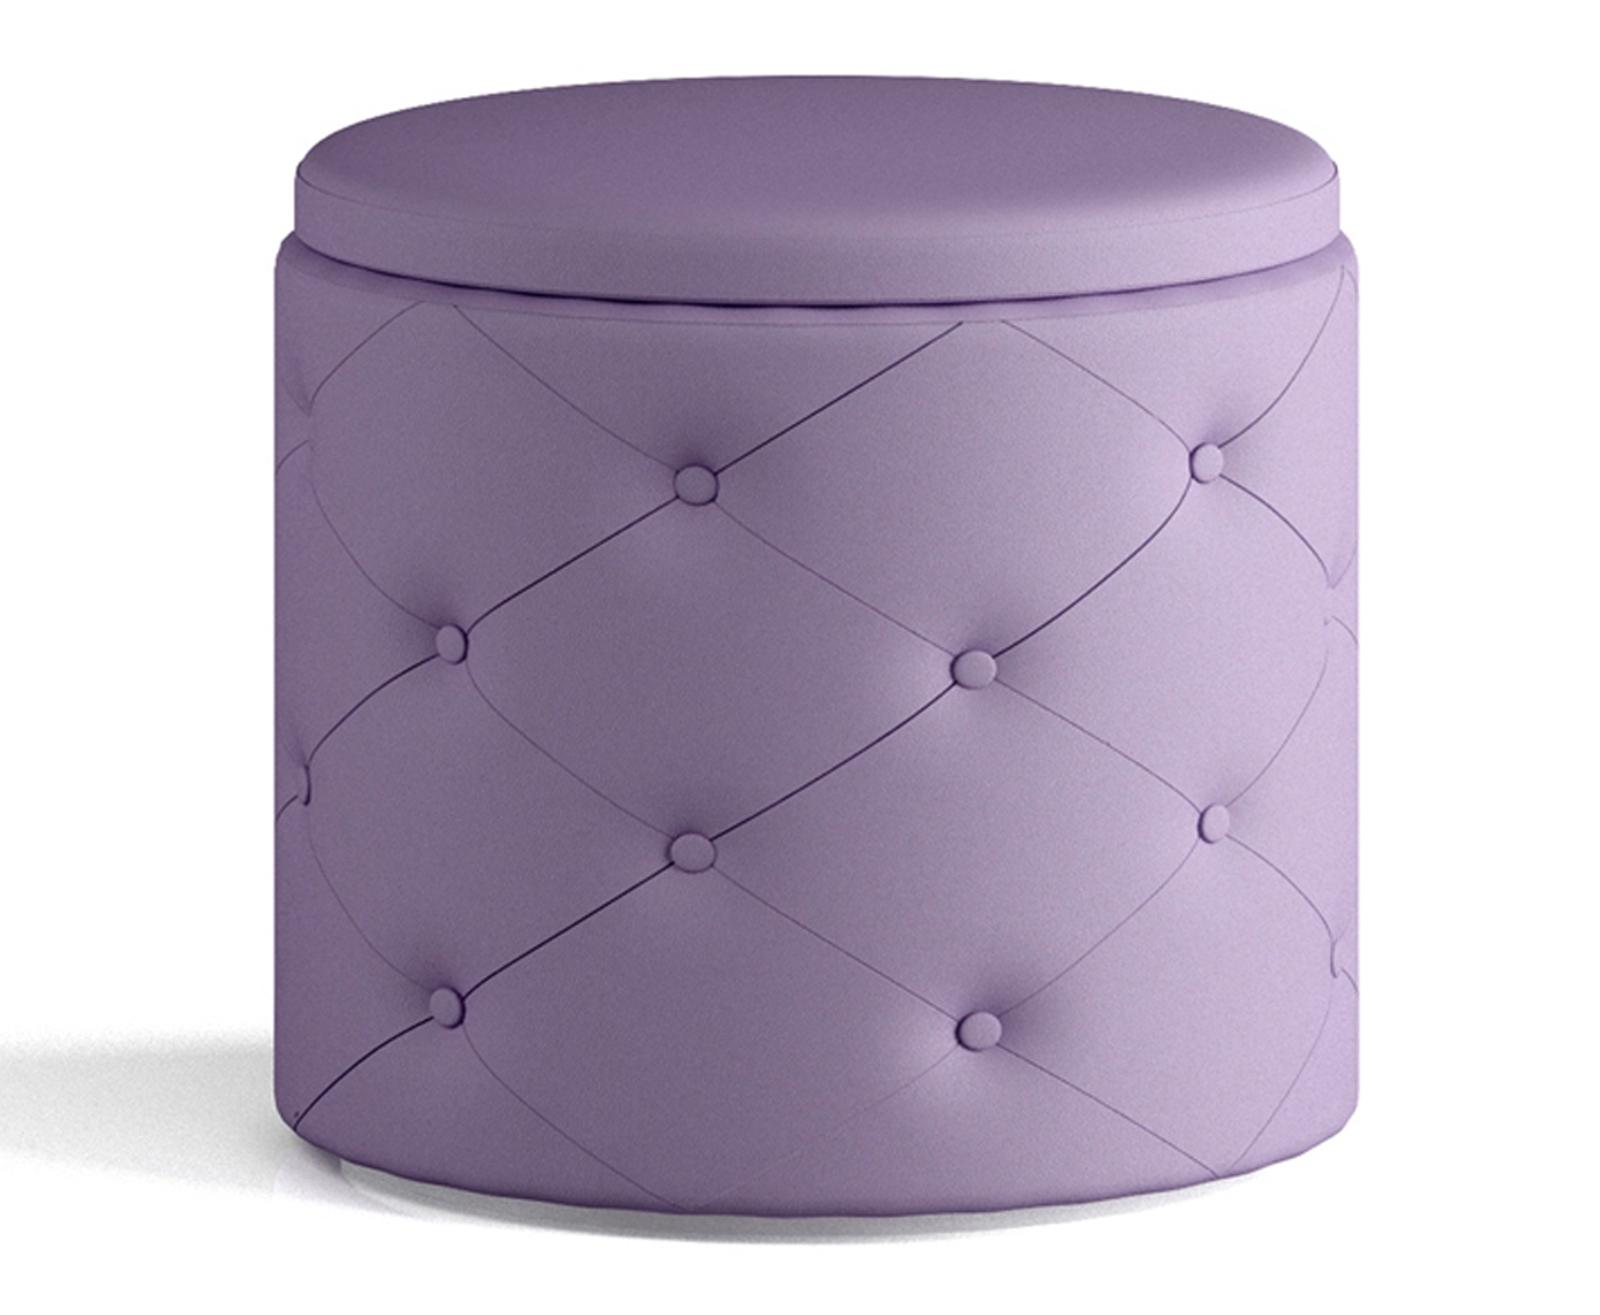 Panca Contenitore Ecopelle : Wintem pouf cubo da cm poggiapiedi sgabello contenitore